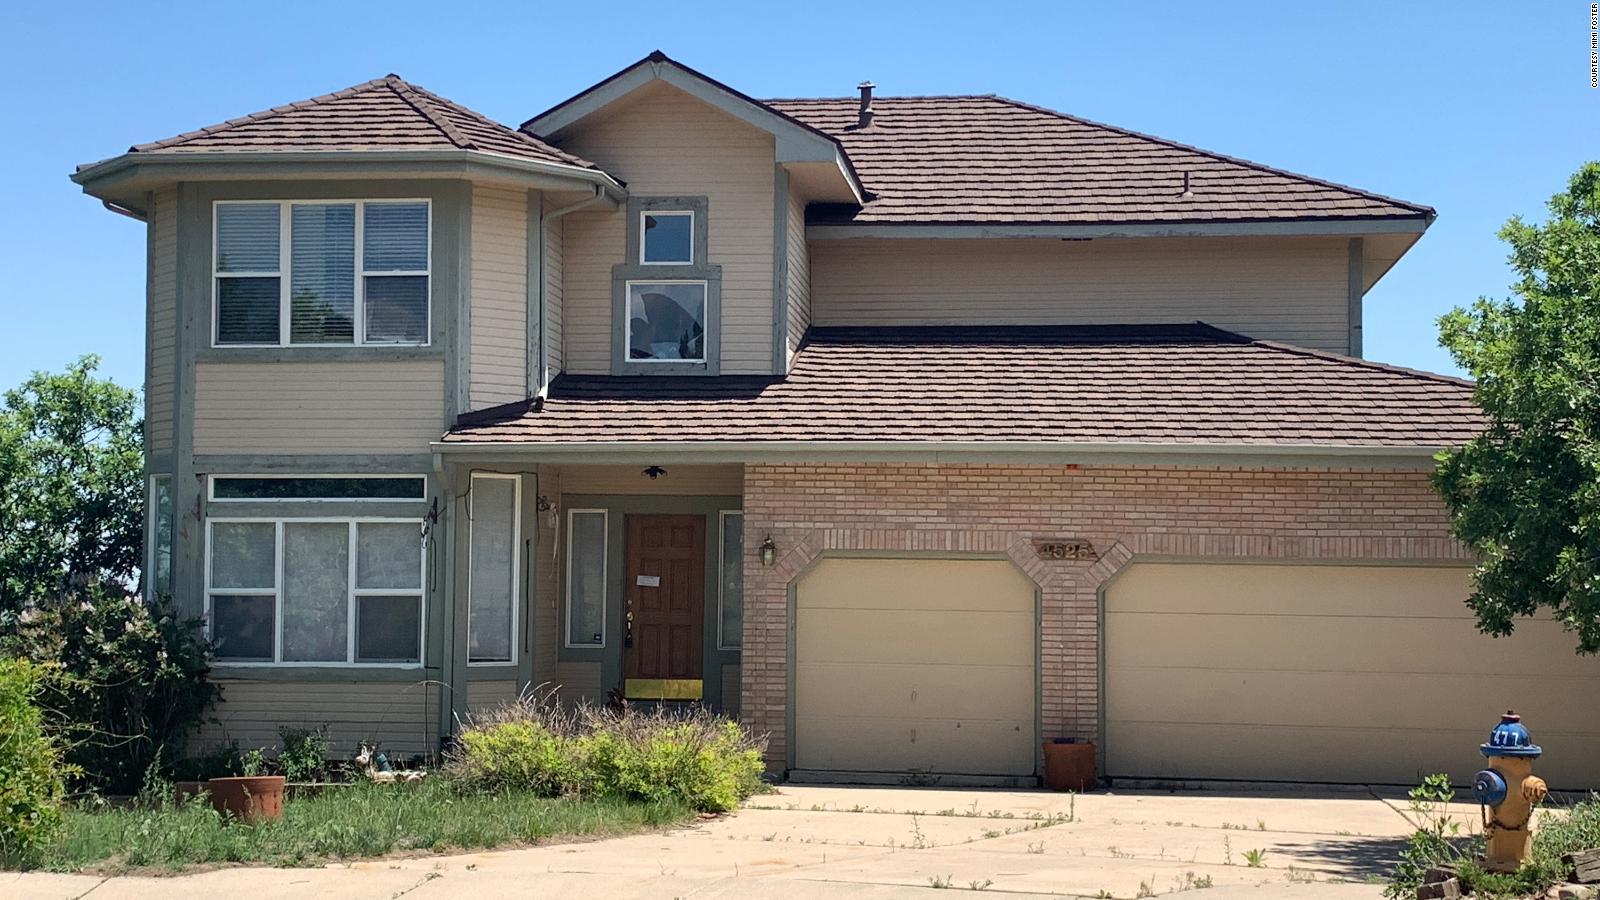 """Venden repugnante """"casa del infierno"""" en US$ 590.000 y ya hay varios interesados"""